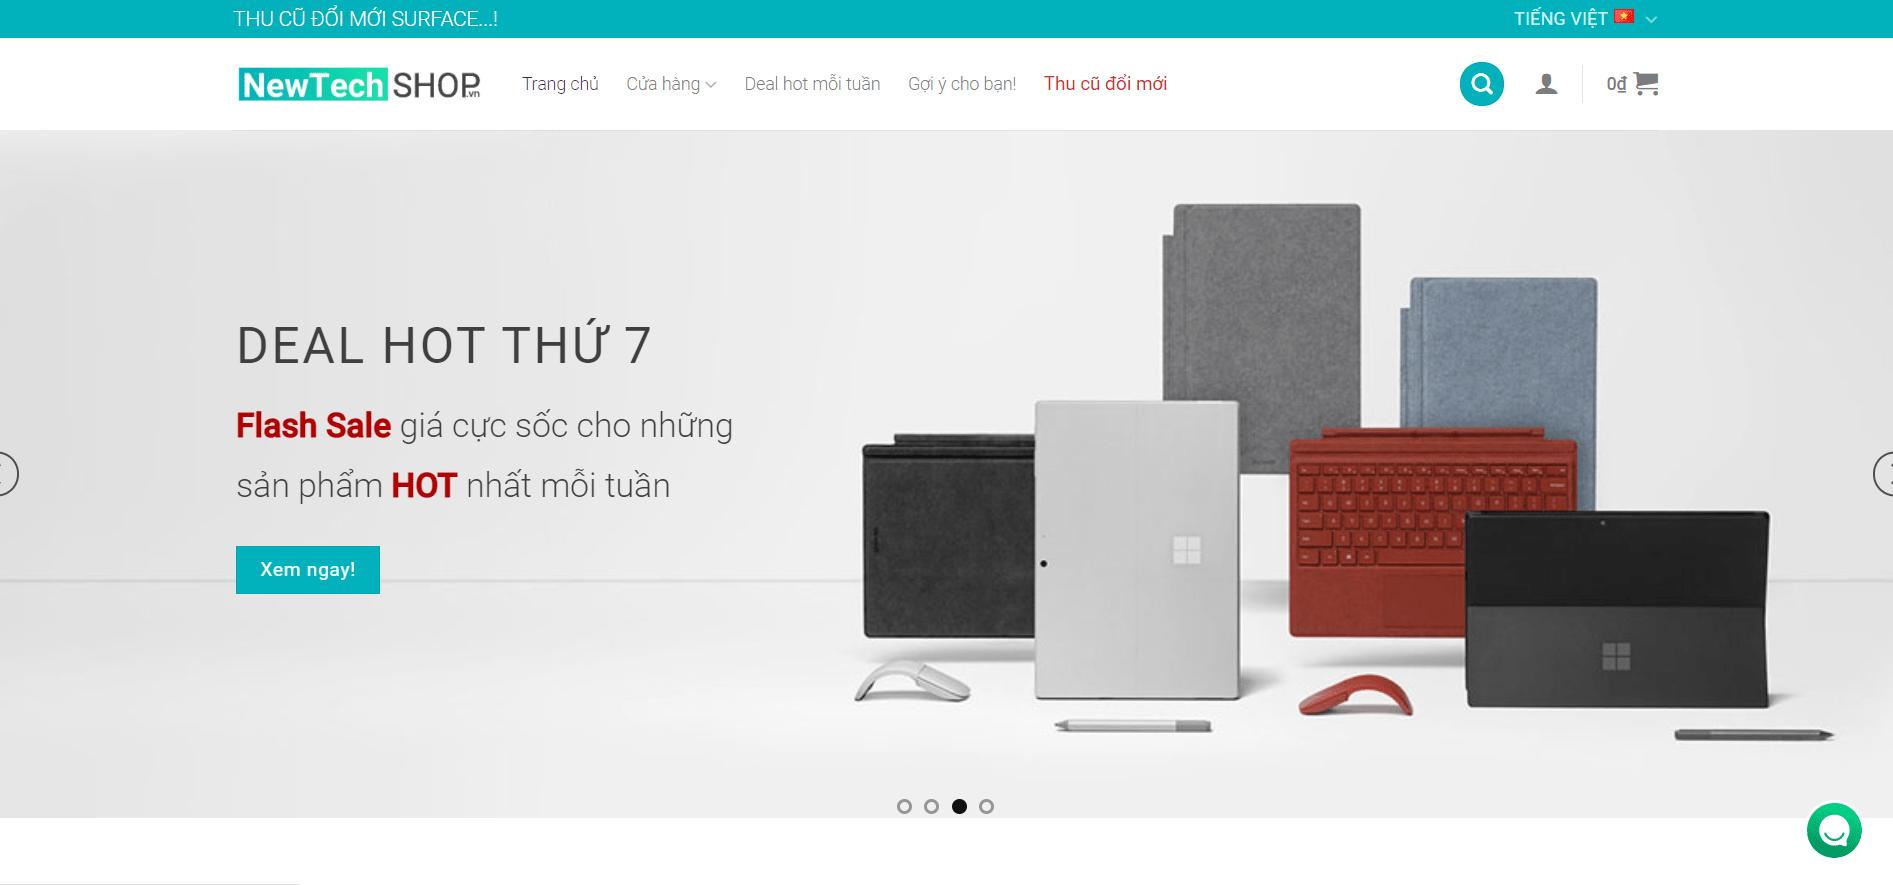 Giới thiệu về NewTechshop 11